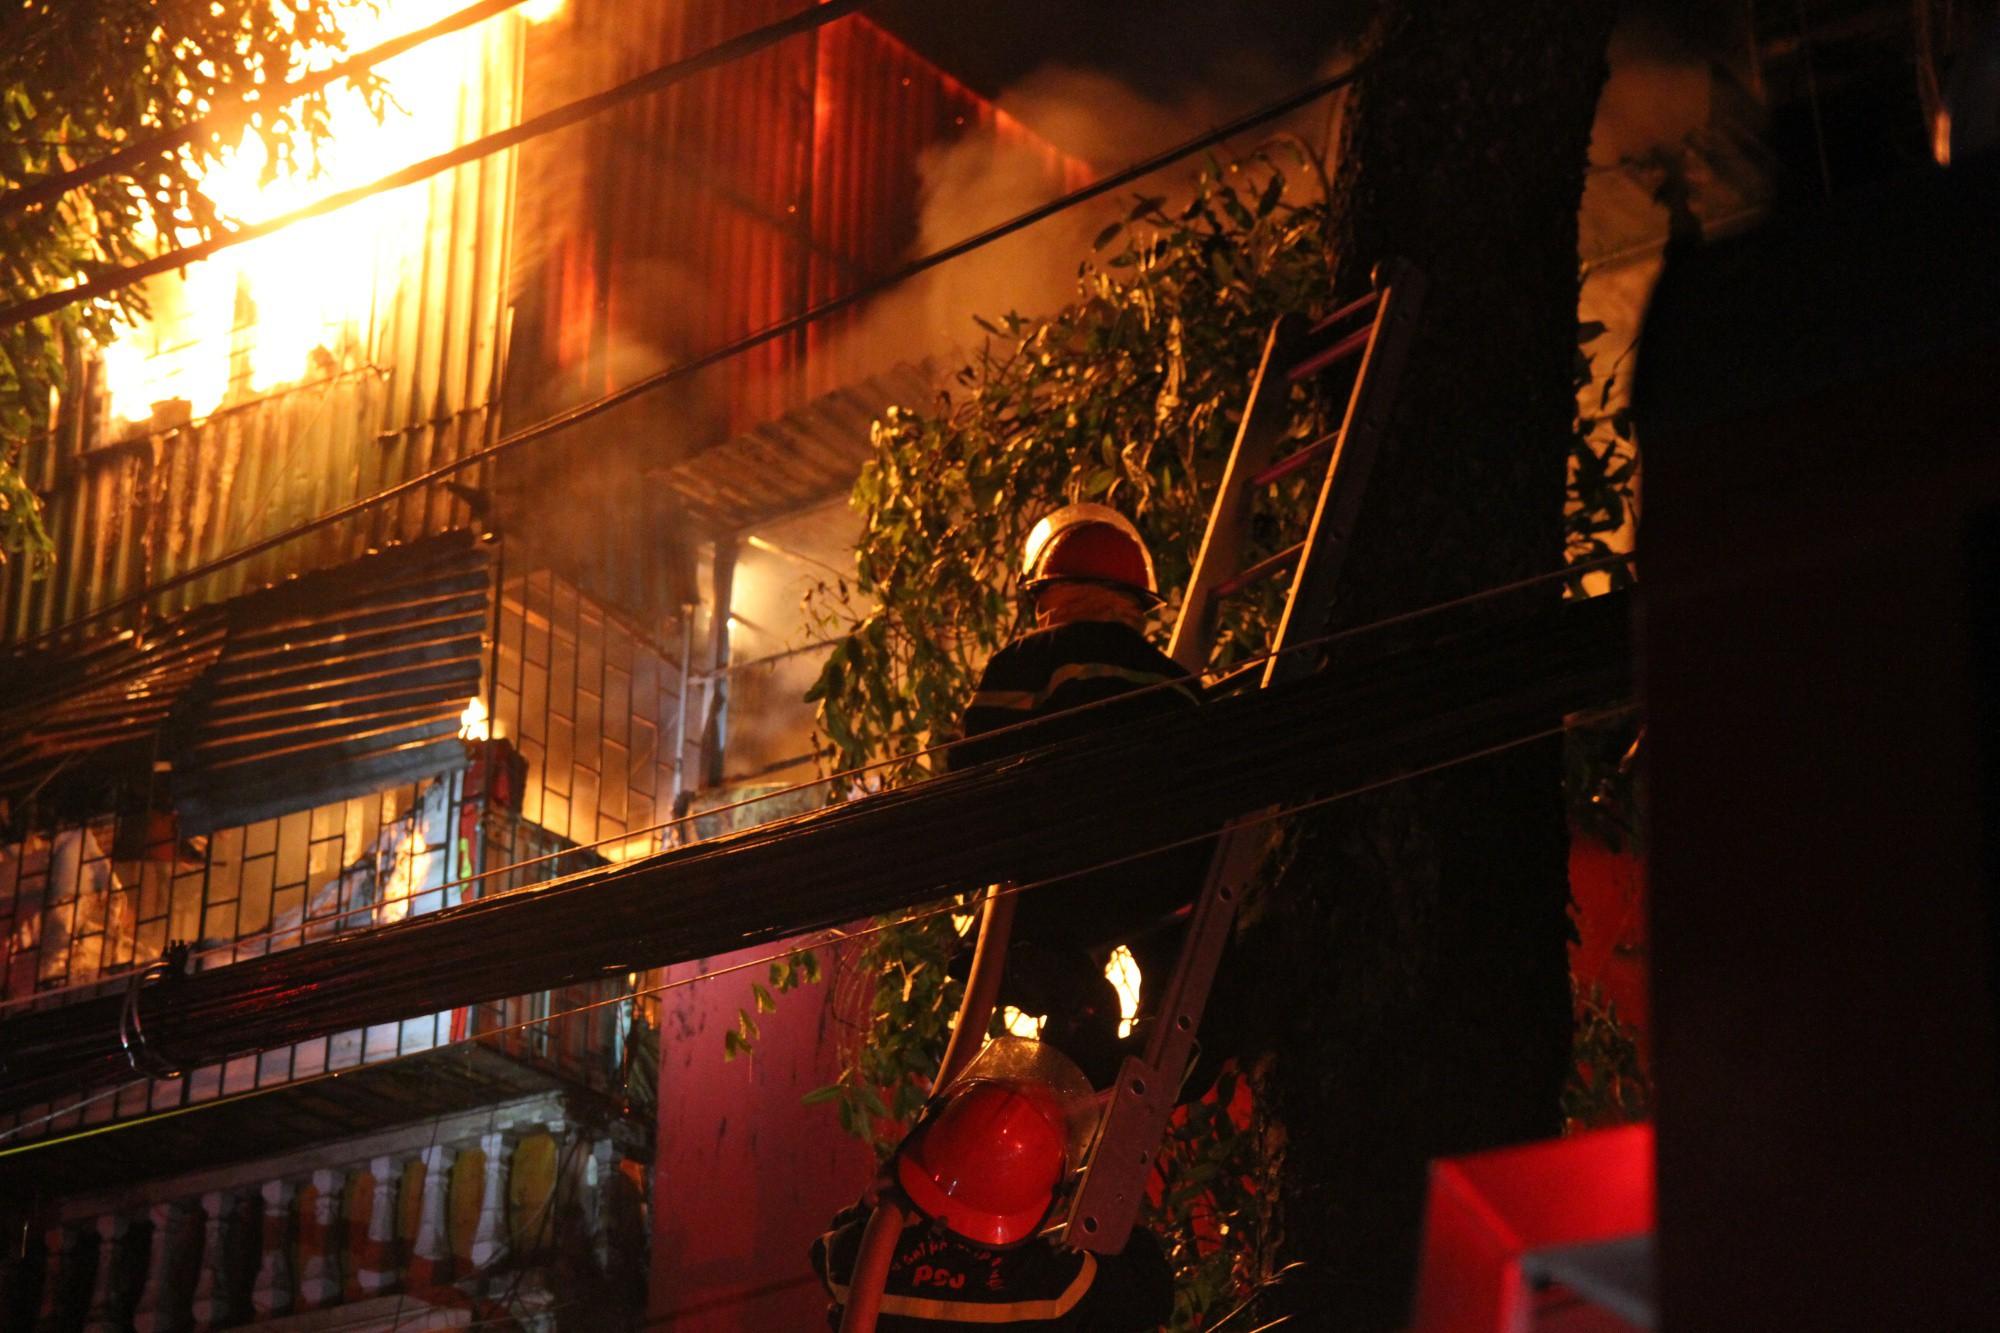 Khởi tố hình sự vụ cháy dãy trọ nhà ông Hiệp khùng gần viện Nhi Trung ương - Ảnh 1.